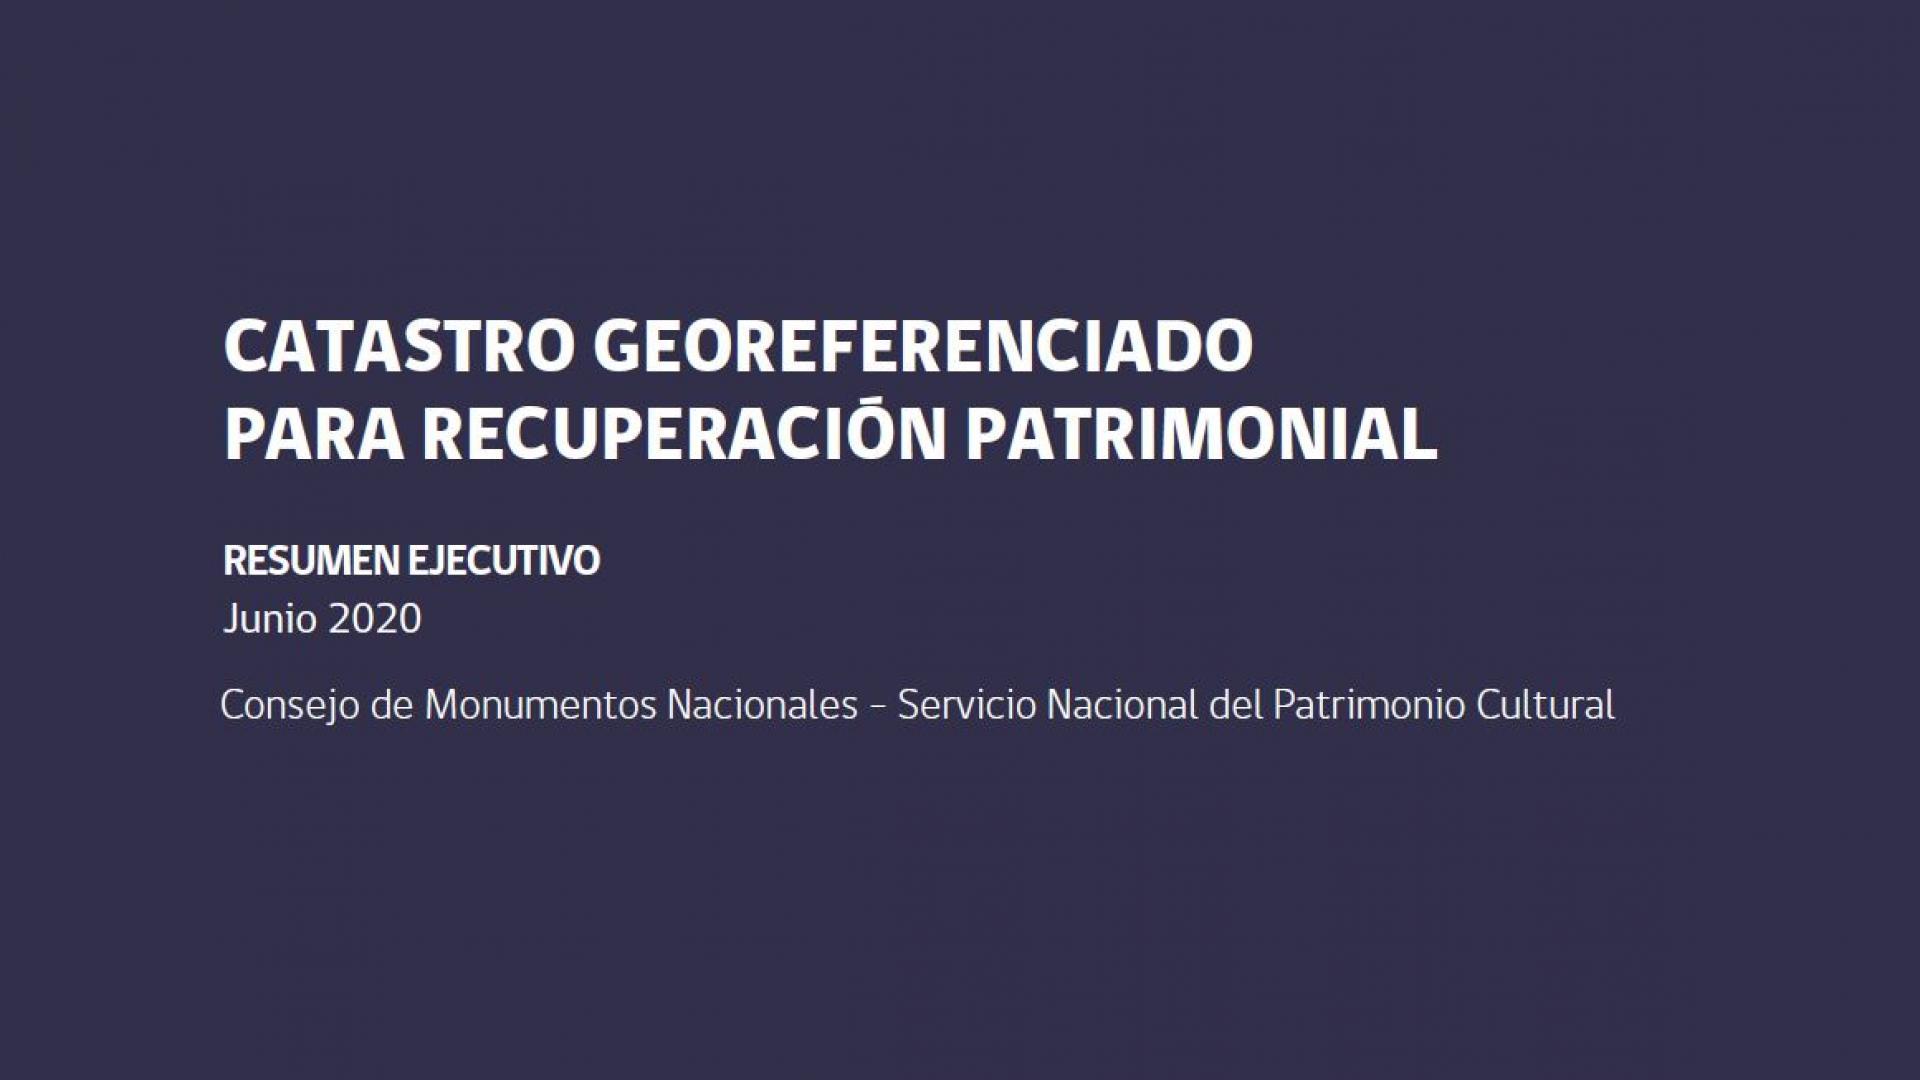 Imagen de CATASTRO GEOREFERENCIADO PARA RECUPERACIÓN PATRIMONIAL